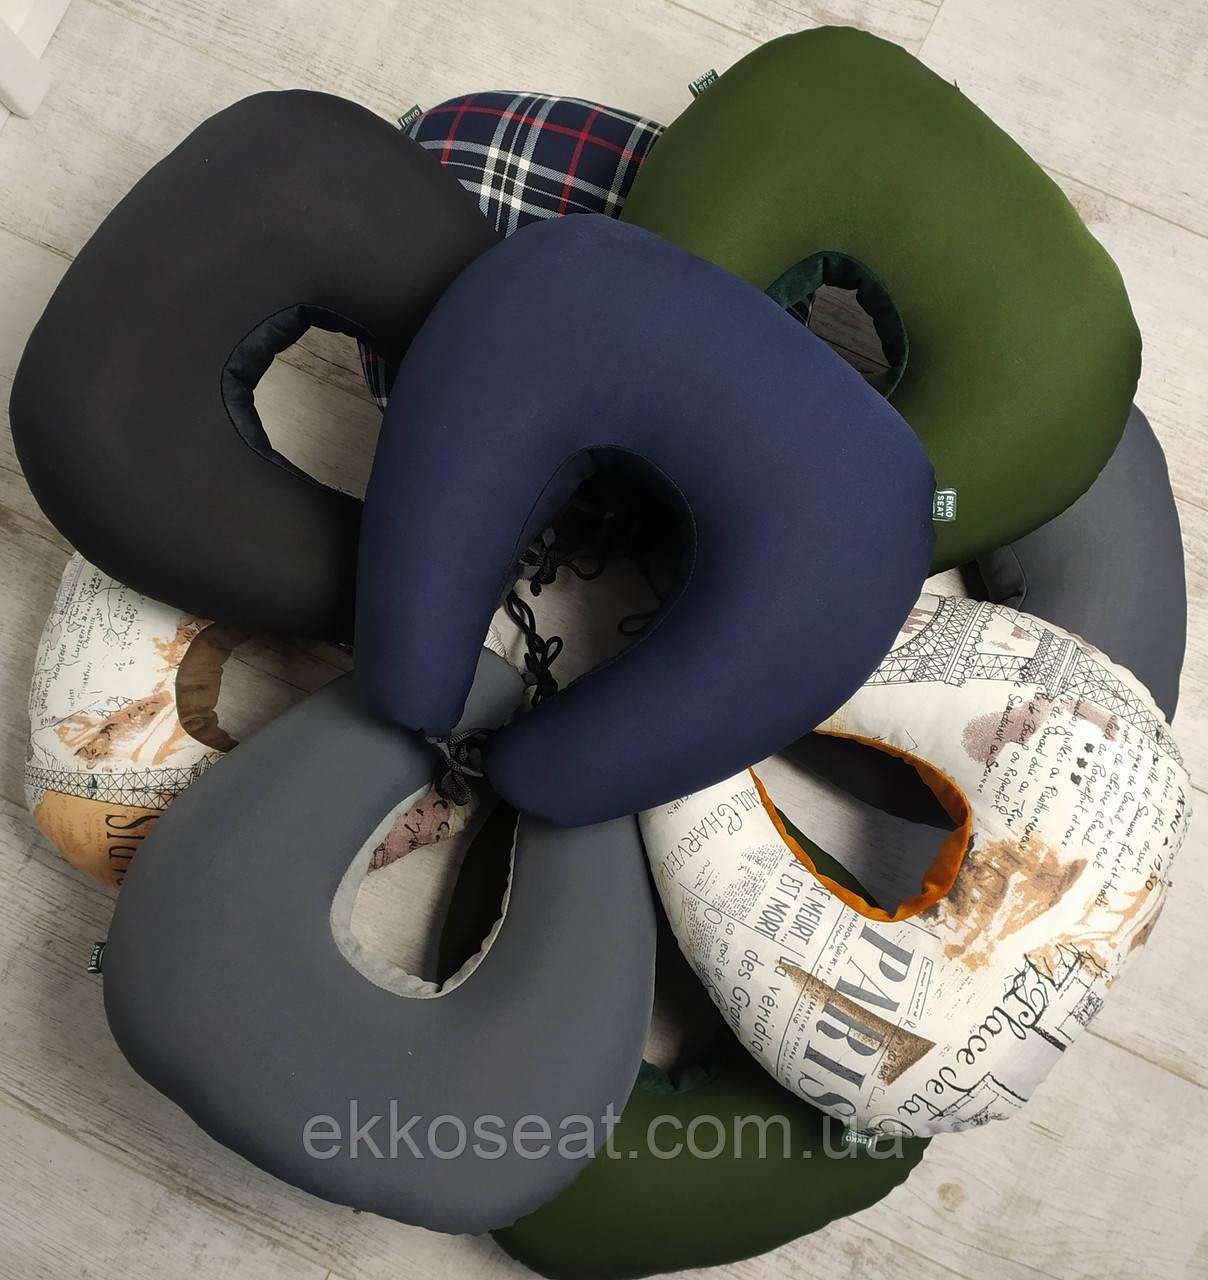 Подушка для путешествий под голову и шею EKKOSEAT.  Бинарная с велюровой вставкой.